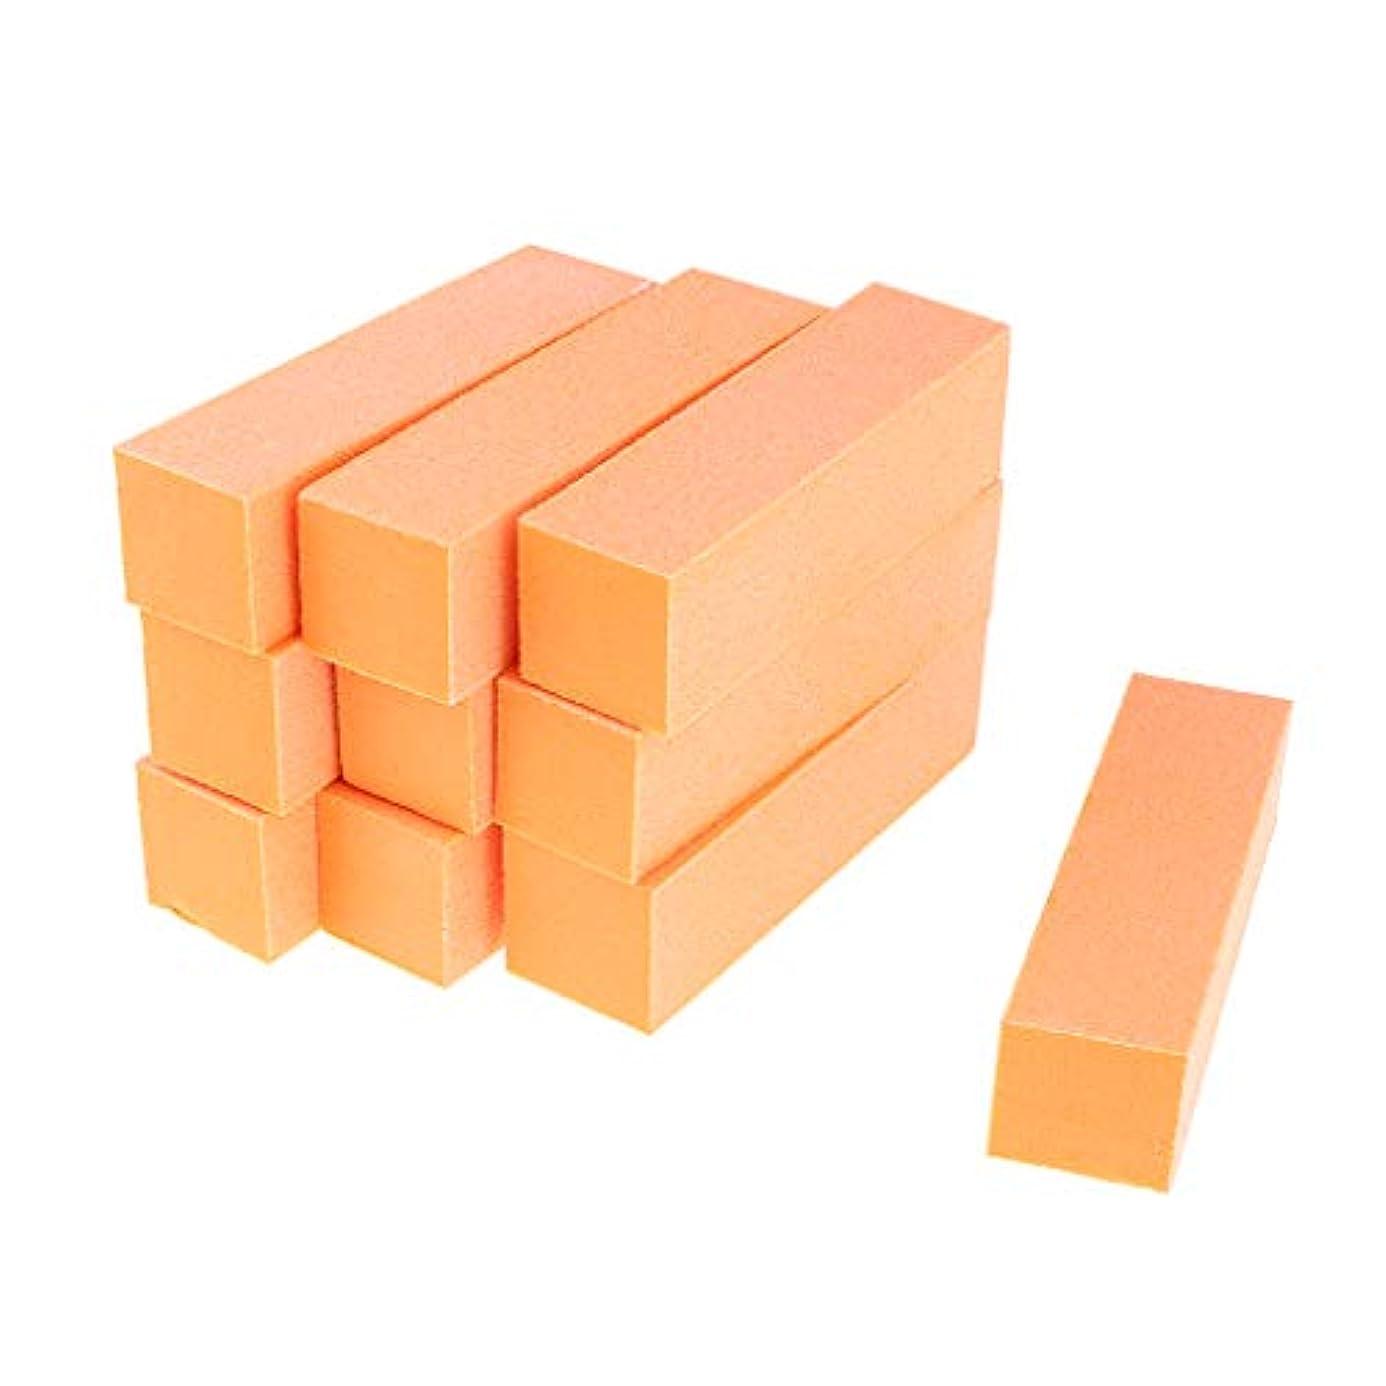 貧しいメンタル避けるInjoyo ネイルアート マニキュア ネイルファイル バッファファイルブロック 爪やすり 爪磨き 全5色 - オレンジ